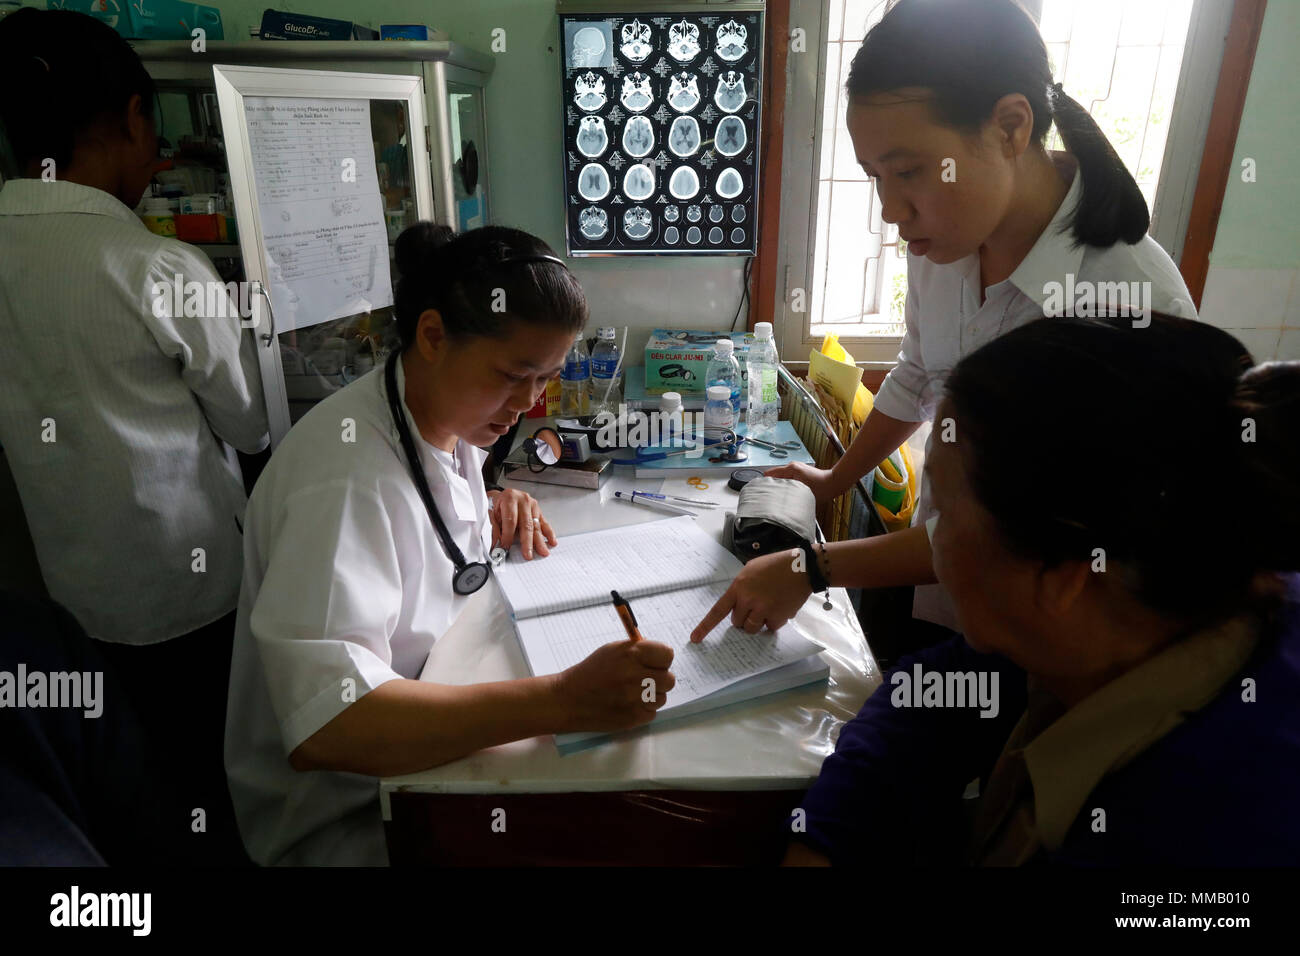 Freie Gesundheit Klinik laufen durch die Franziskaner Missionsschwestern von Maria. Medizinische Beratung. Medikation. Stockbild